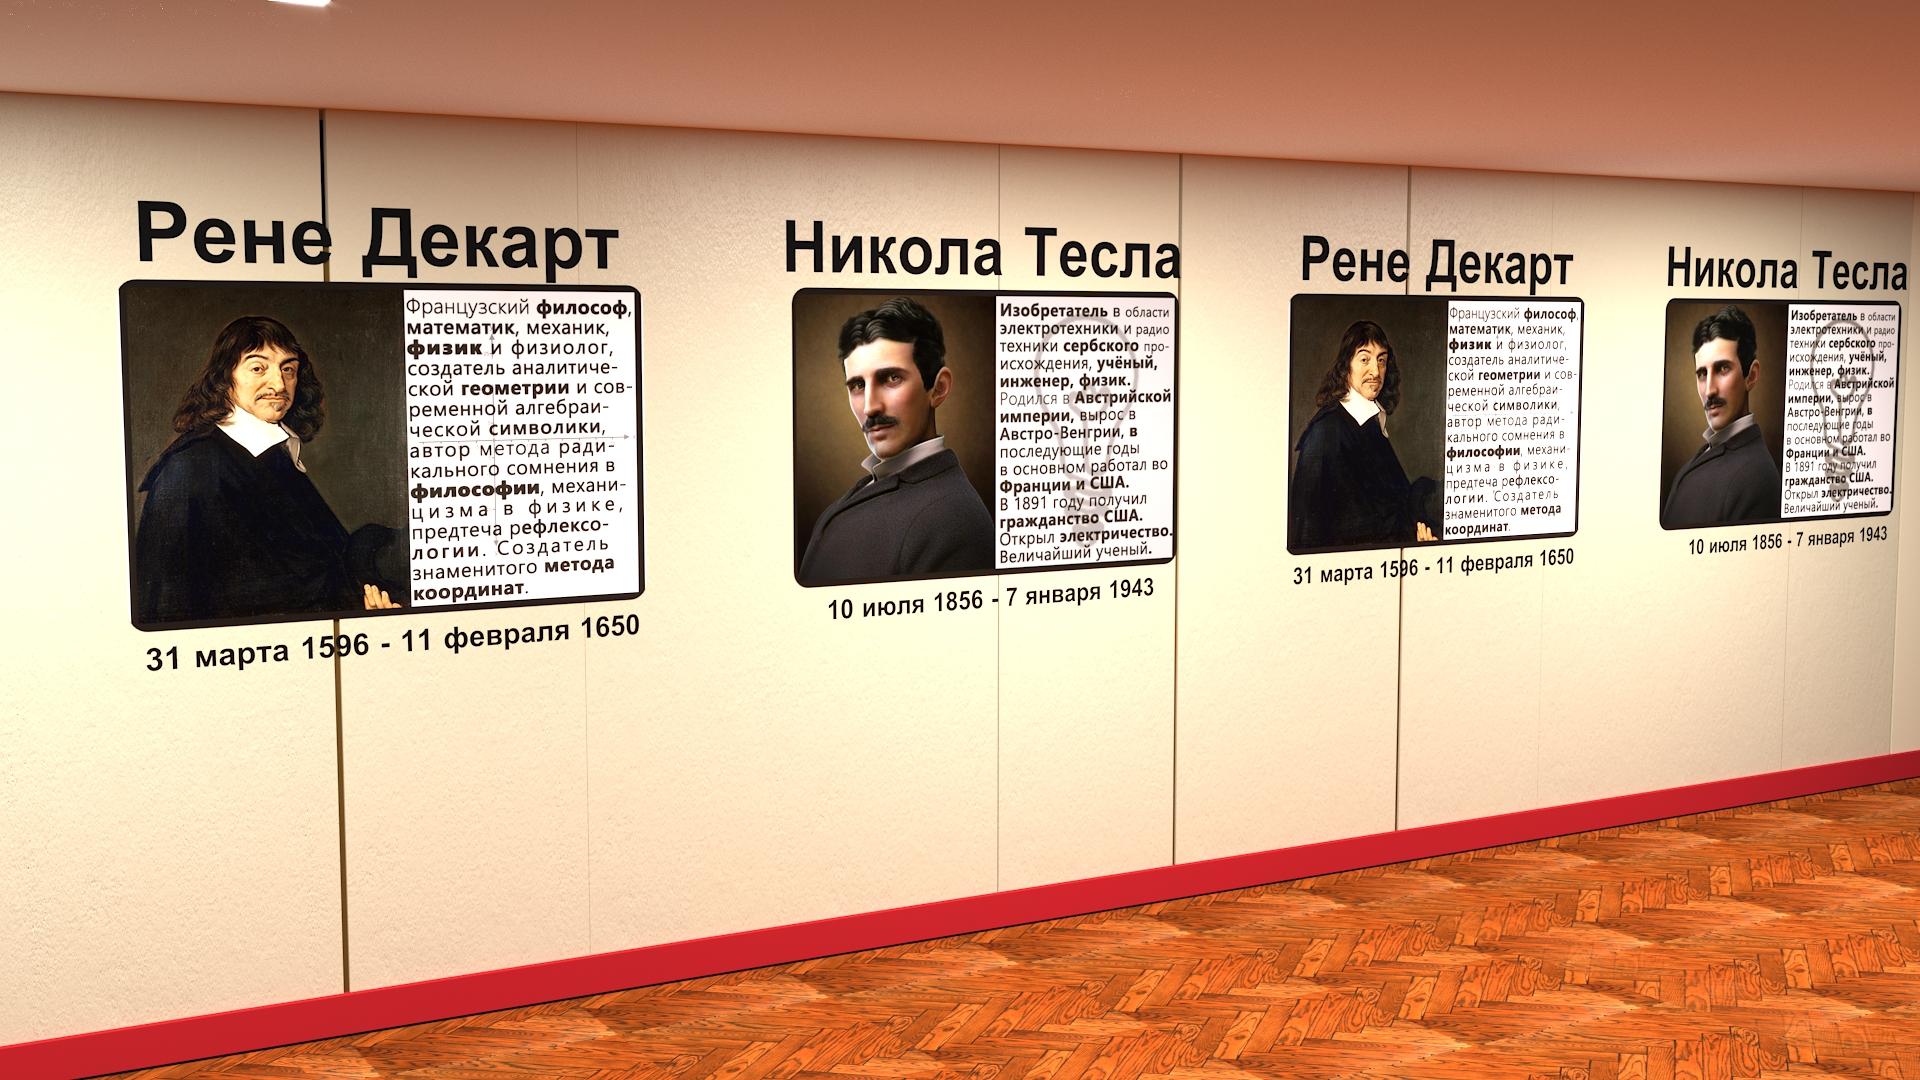 Предложить идею оформления портретов (с информацией) на стене фото f_4845e1f4096c5876.jpg